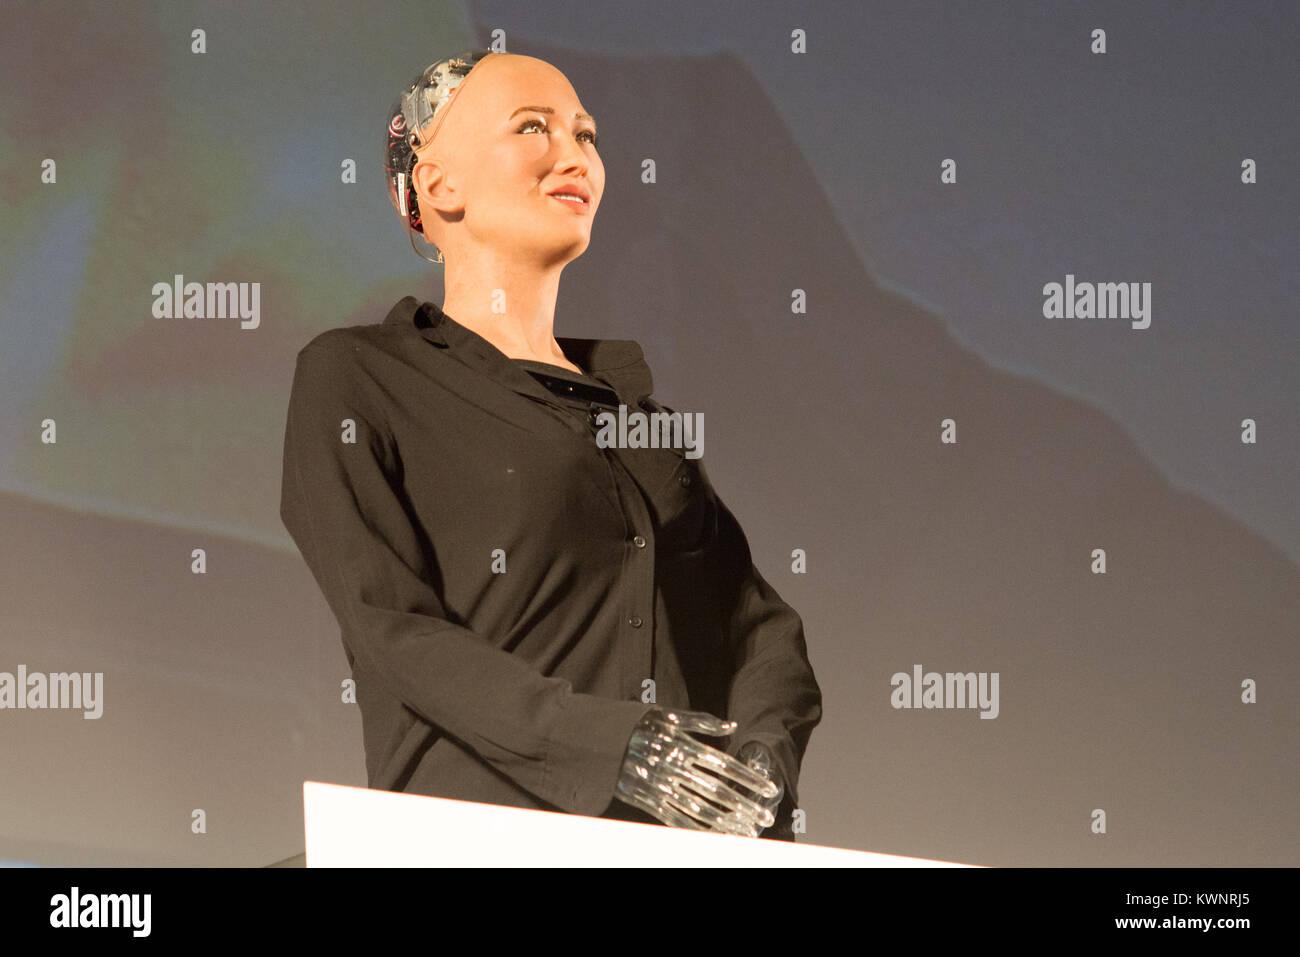 Androide Sophia erste Roboter Bürger von Ben Goertzel Gründer und CEO von SingularityNET, die arbeitet und forscht Stockfoto